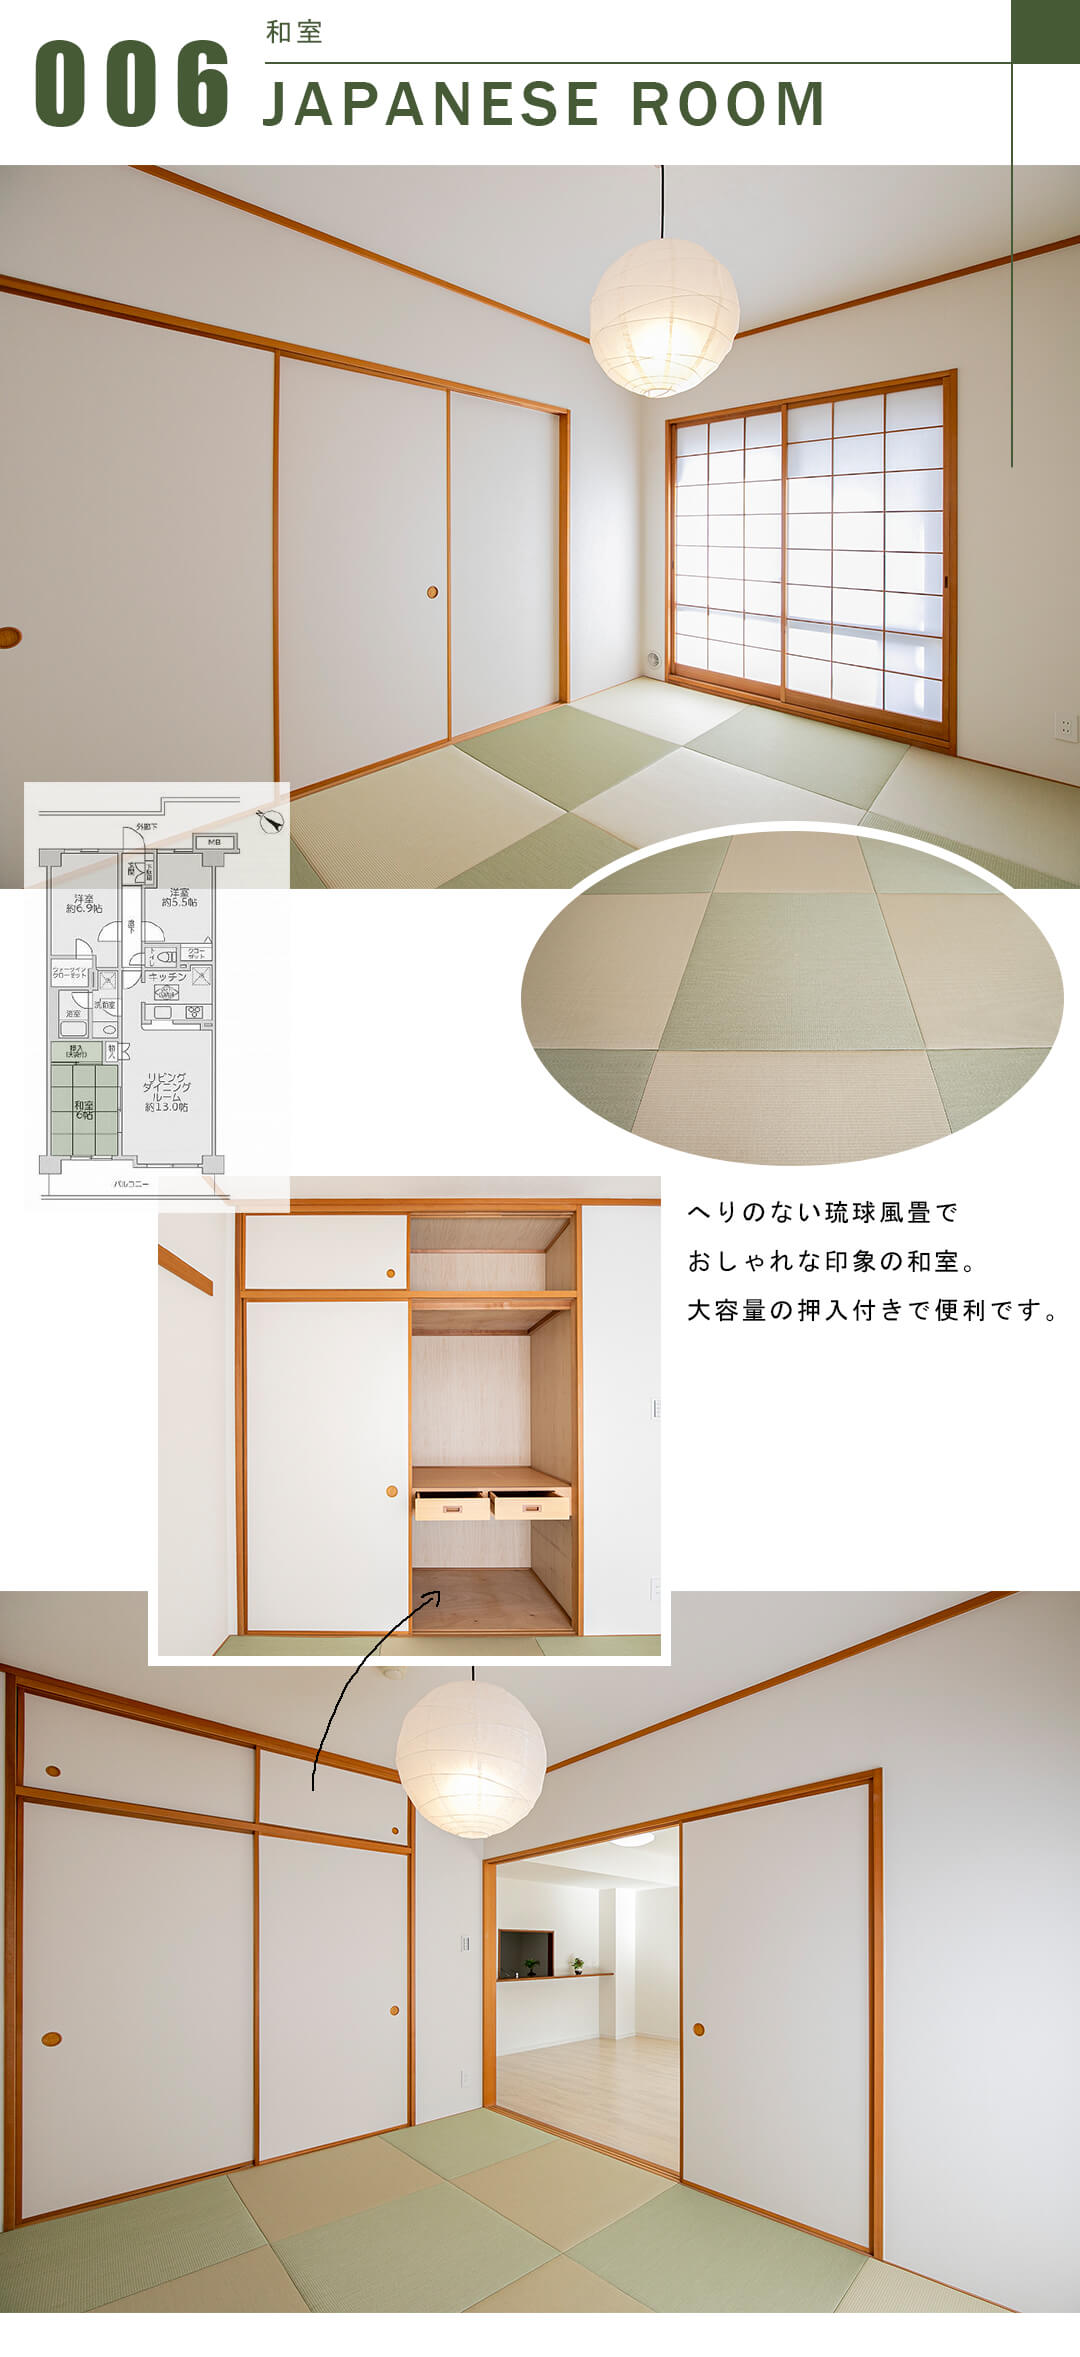 ガーデンホーム幡ヶ谷の和室